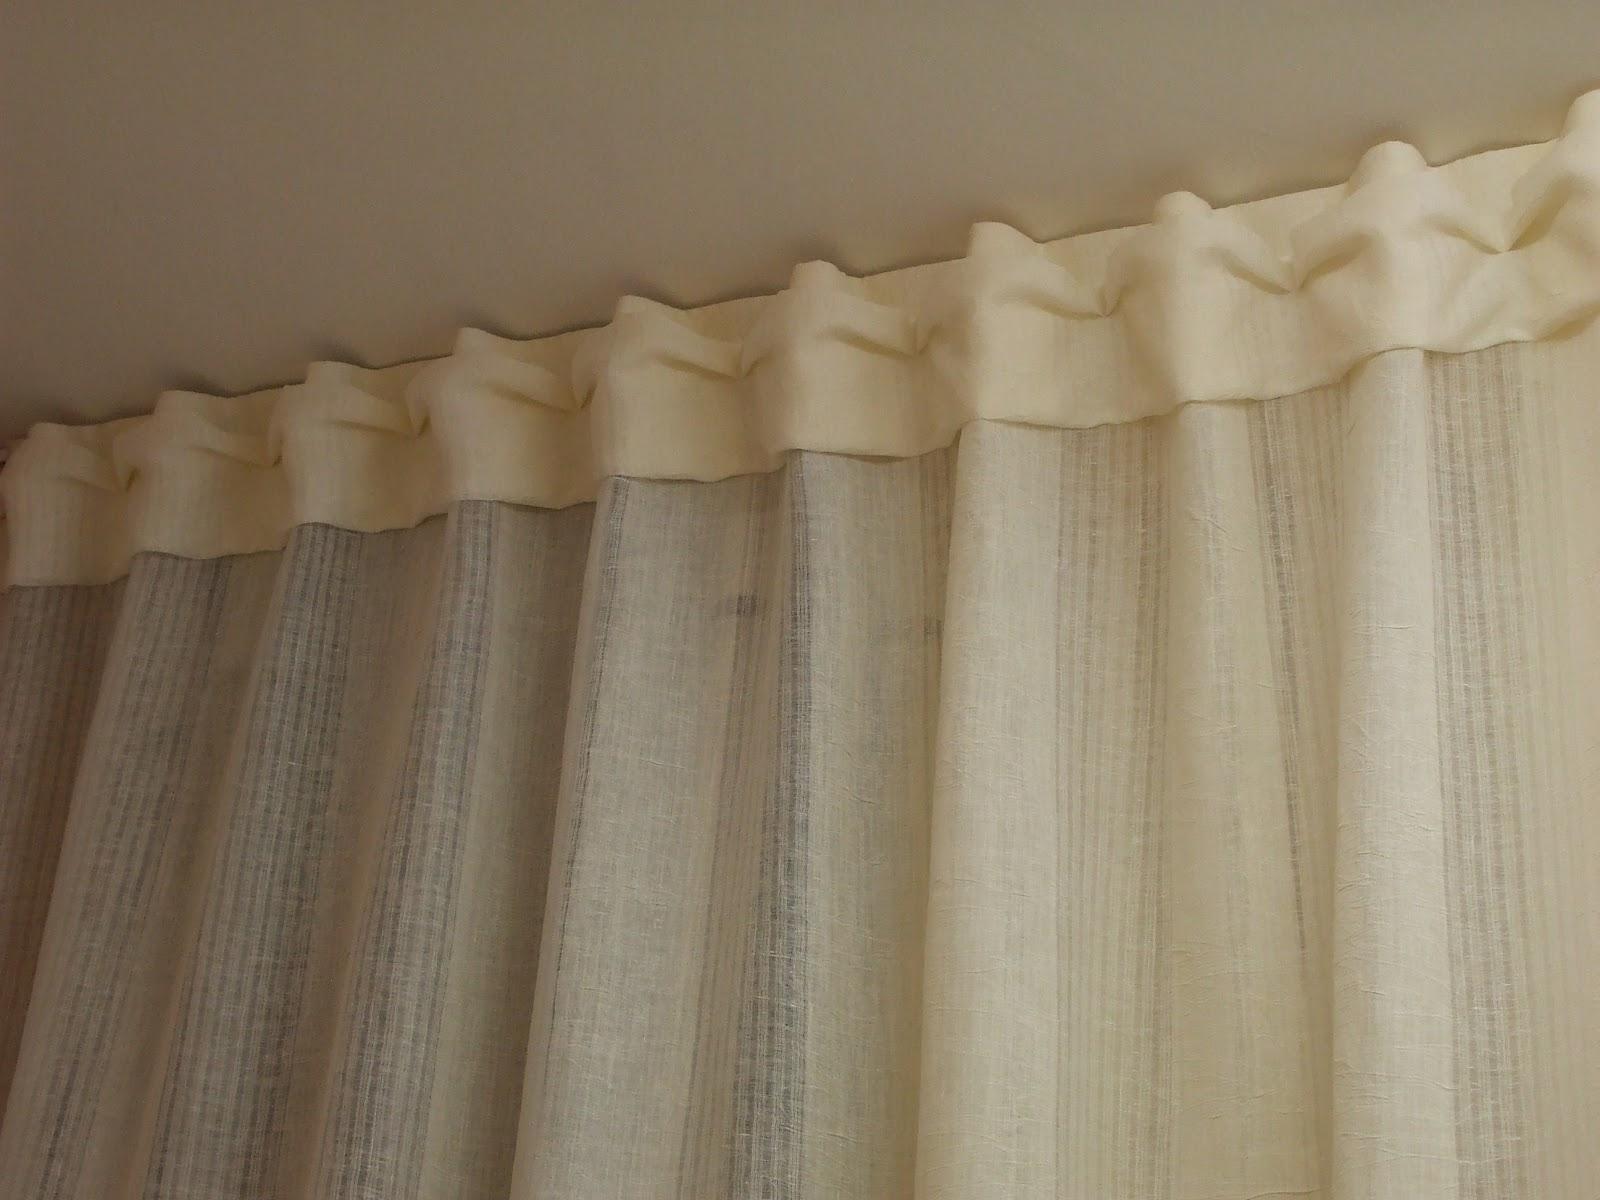 Claves para que el buen gusto impere en tu hogar for Ganchos para recoger cortinas